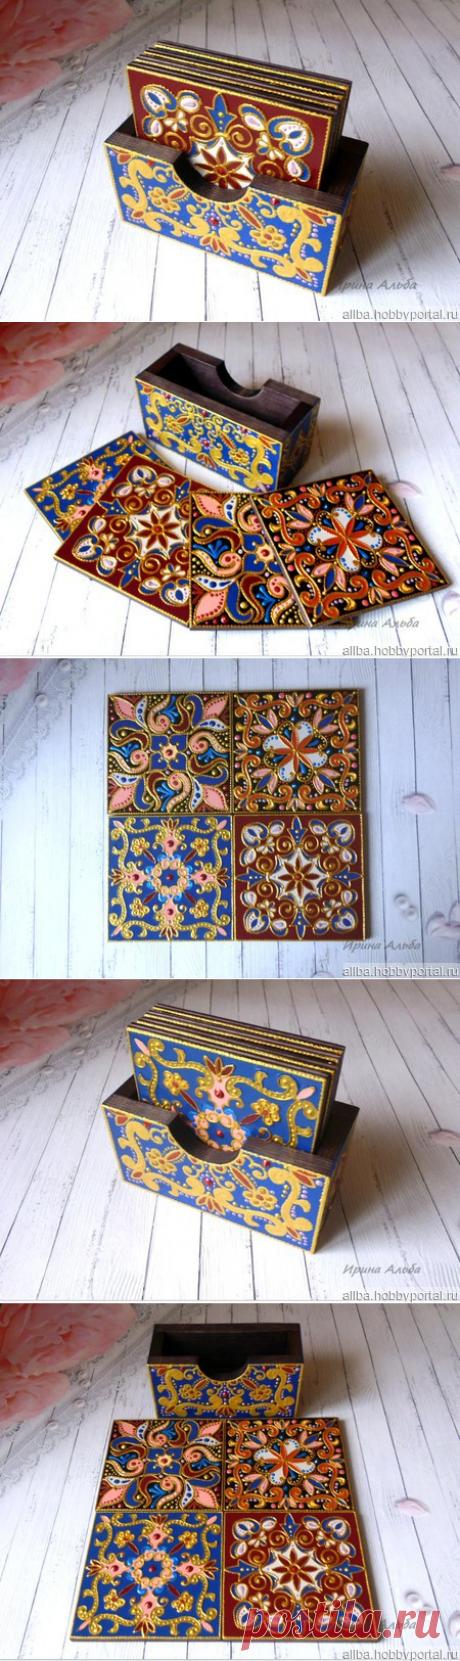 Набор подставок под горячее – купить в интернет-магазине HobbyPortal.ru с доставкой